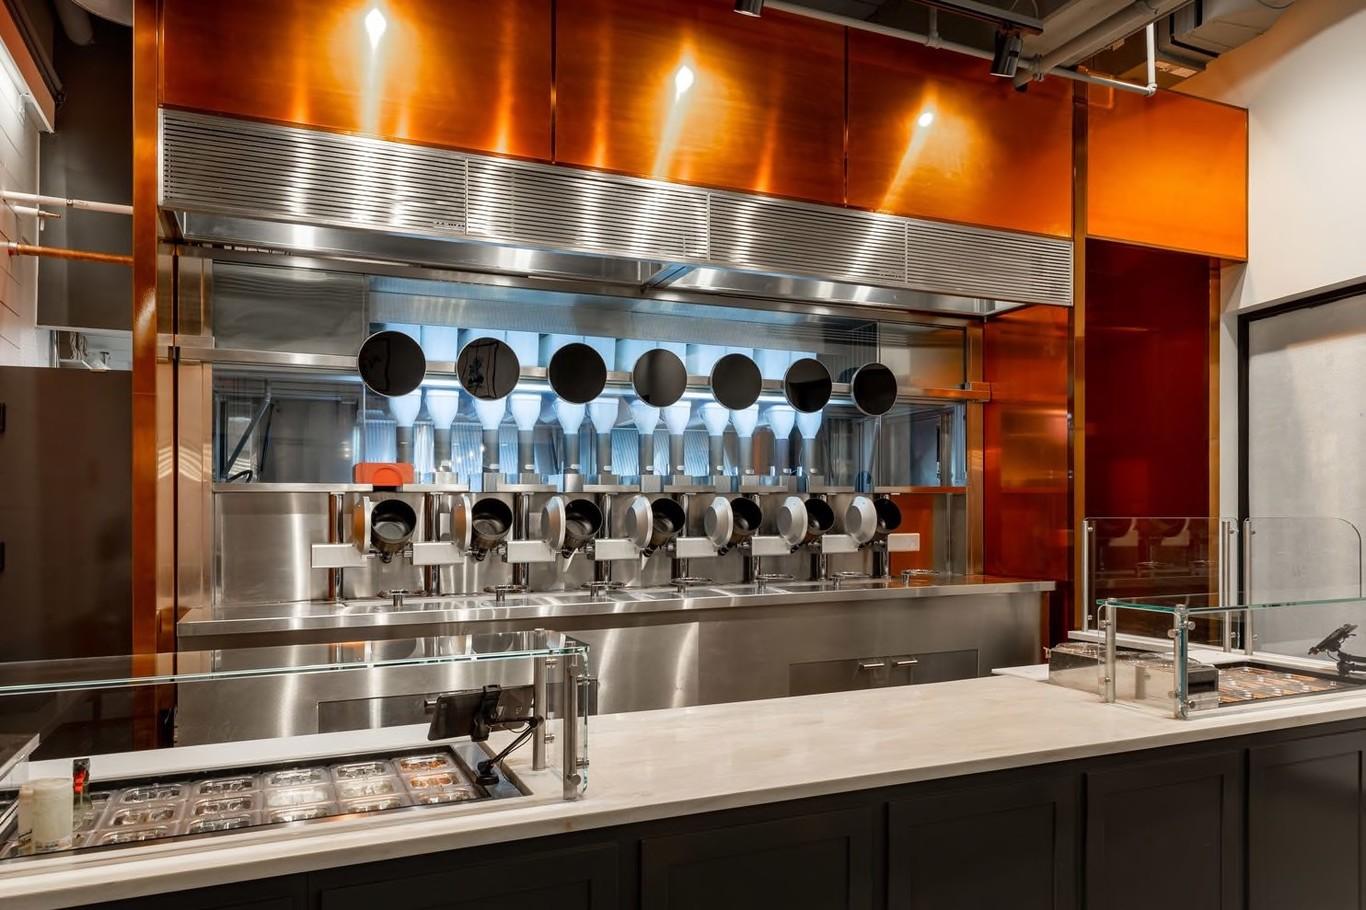 Así es Spyce, el restaurante semi automatizado donde los robots han sustituido a los chefs